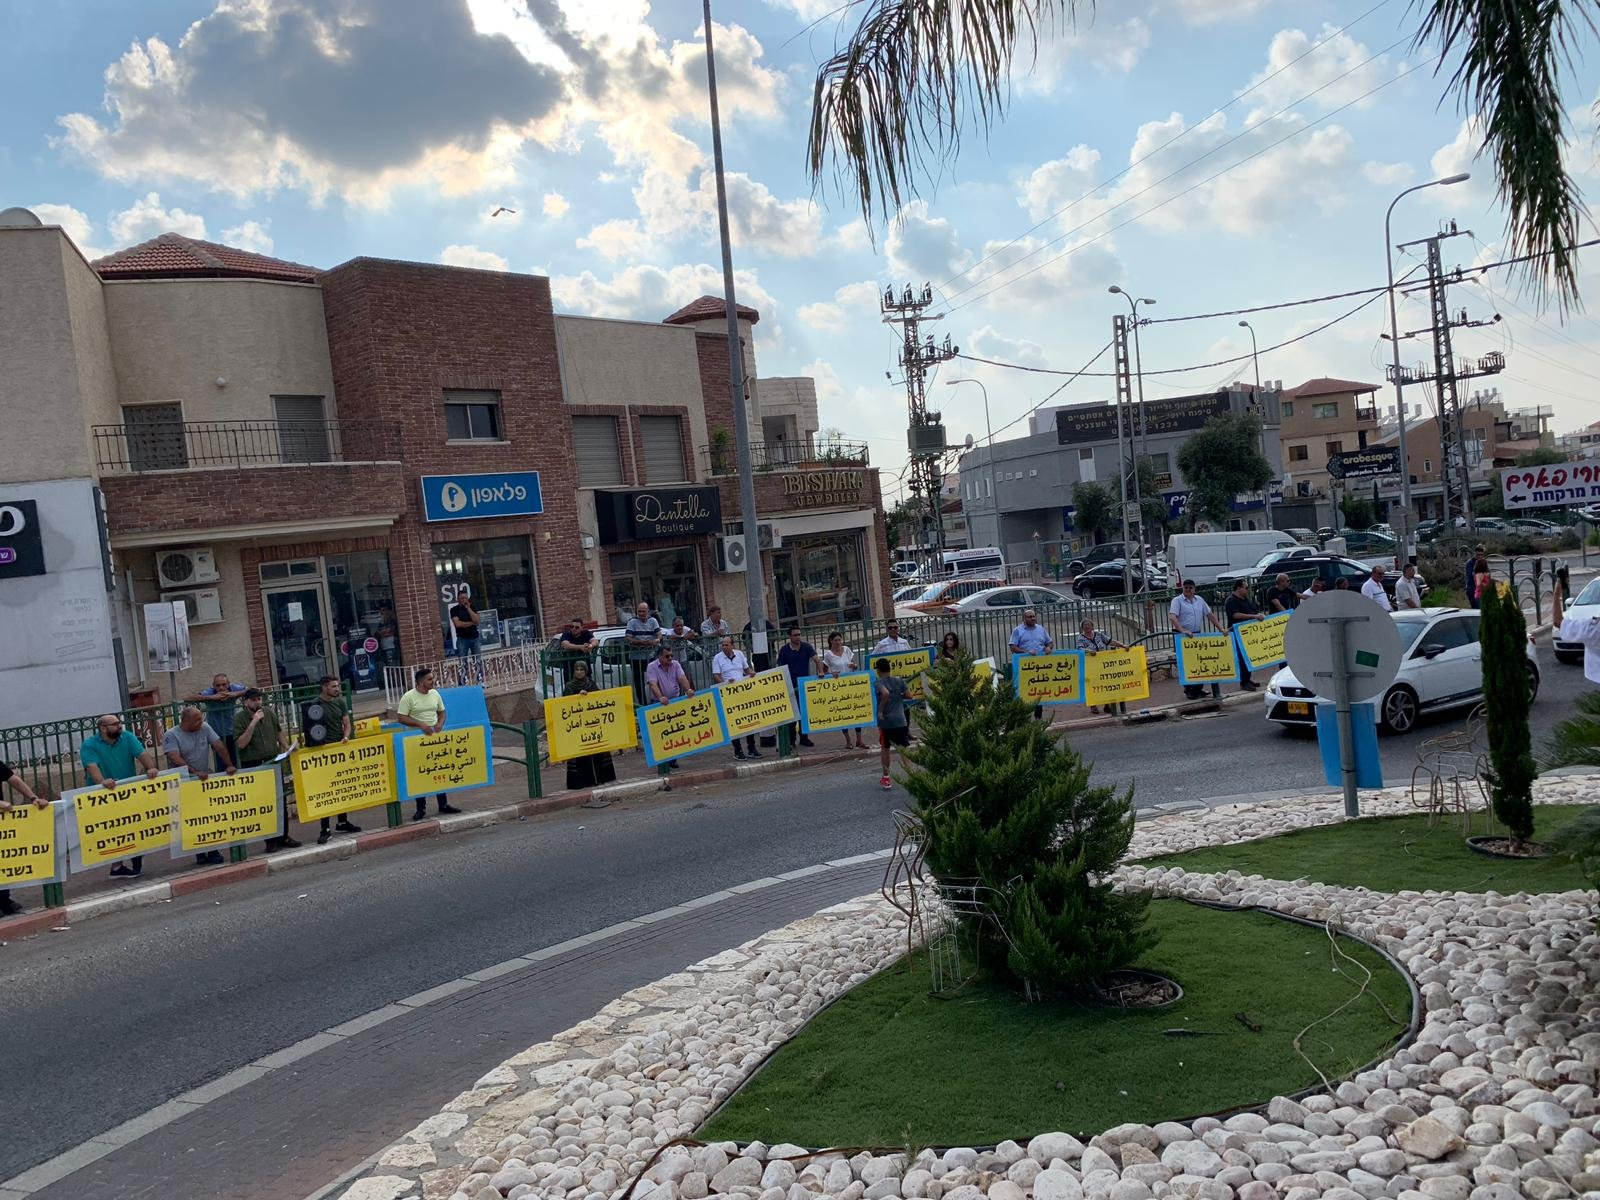 أهالي كفر ياسيف يستمرون بالاحتجاج ضد مخطط شارع 70 الذي يتضمّن مصادرة أراضيهم